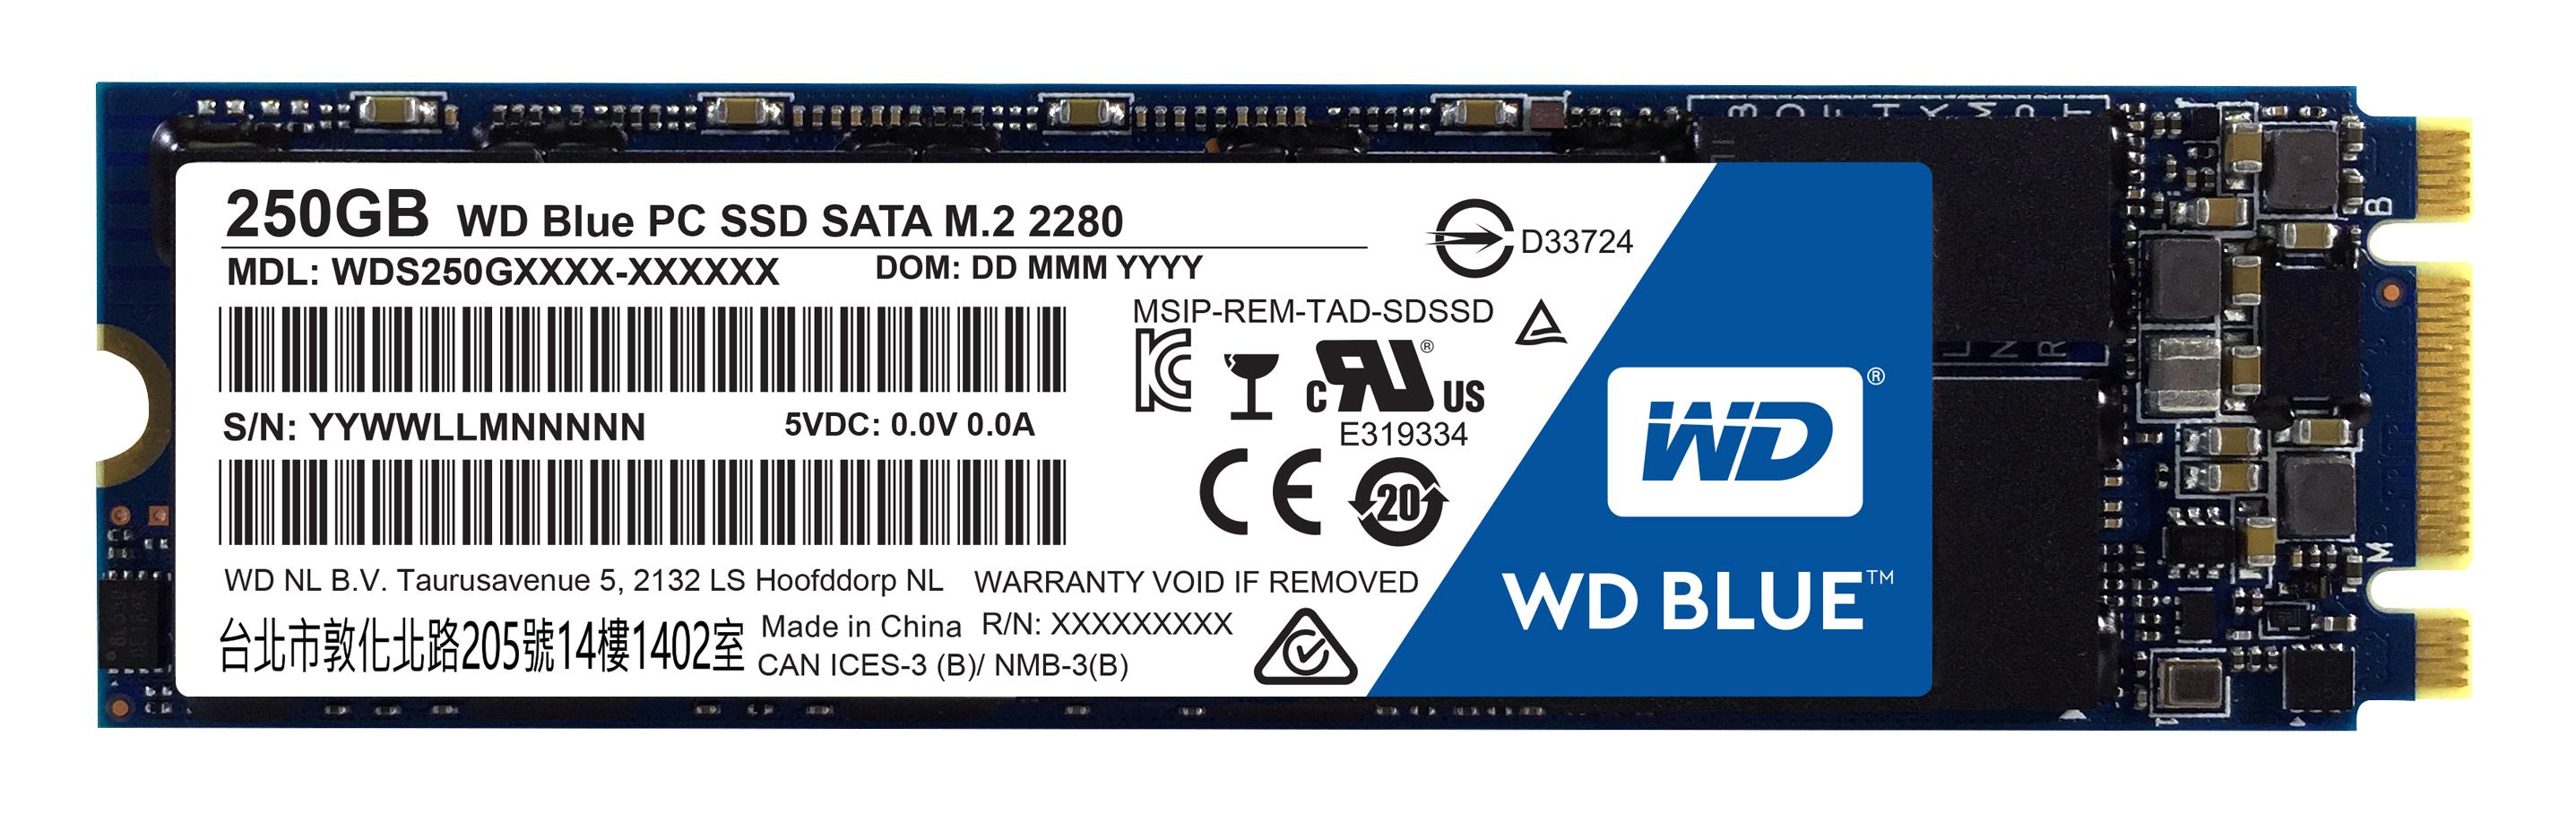 WD BLUE SSD WDS250G1B0B 250GB SATA/600 M.2 2280